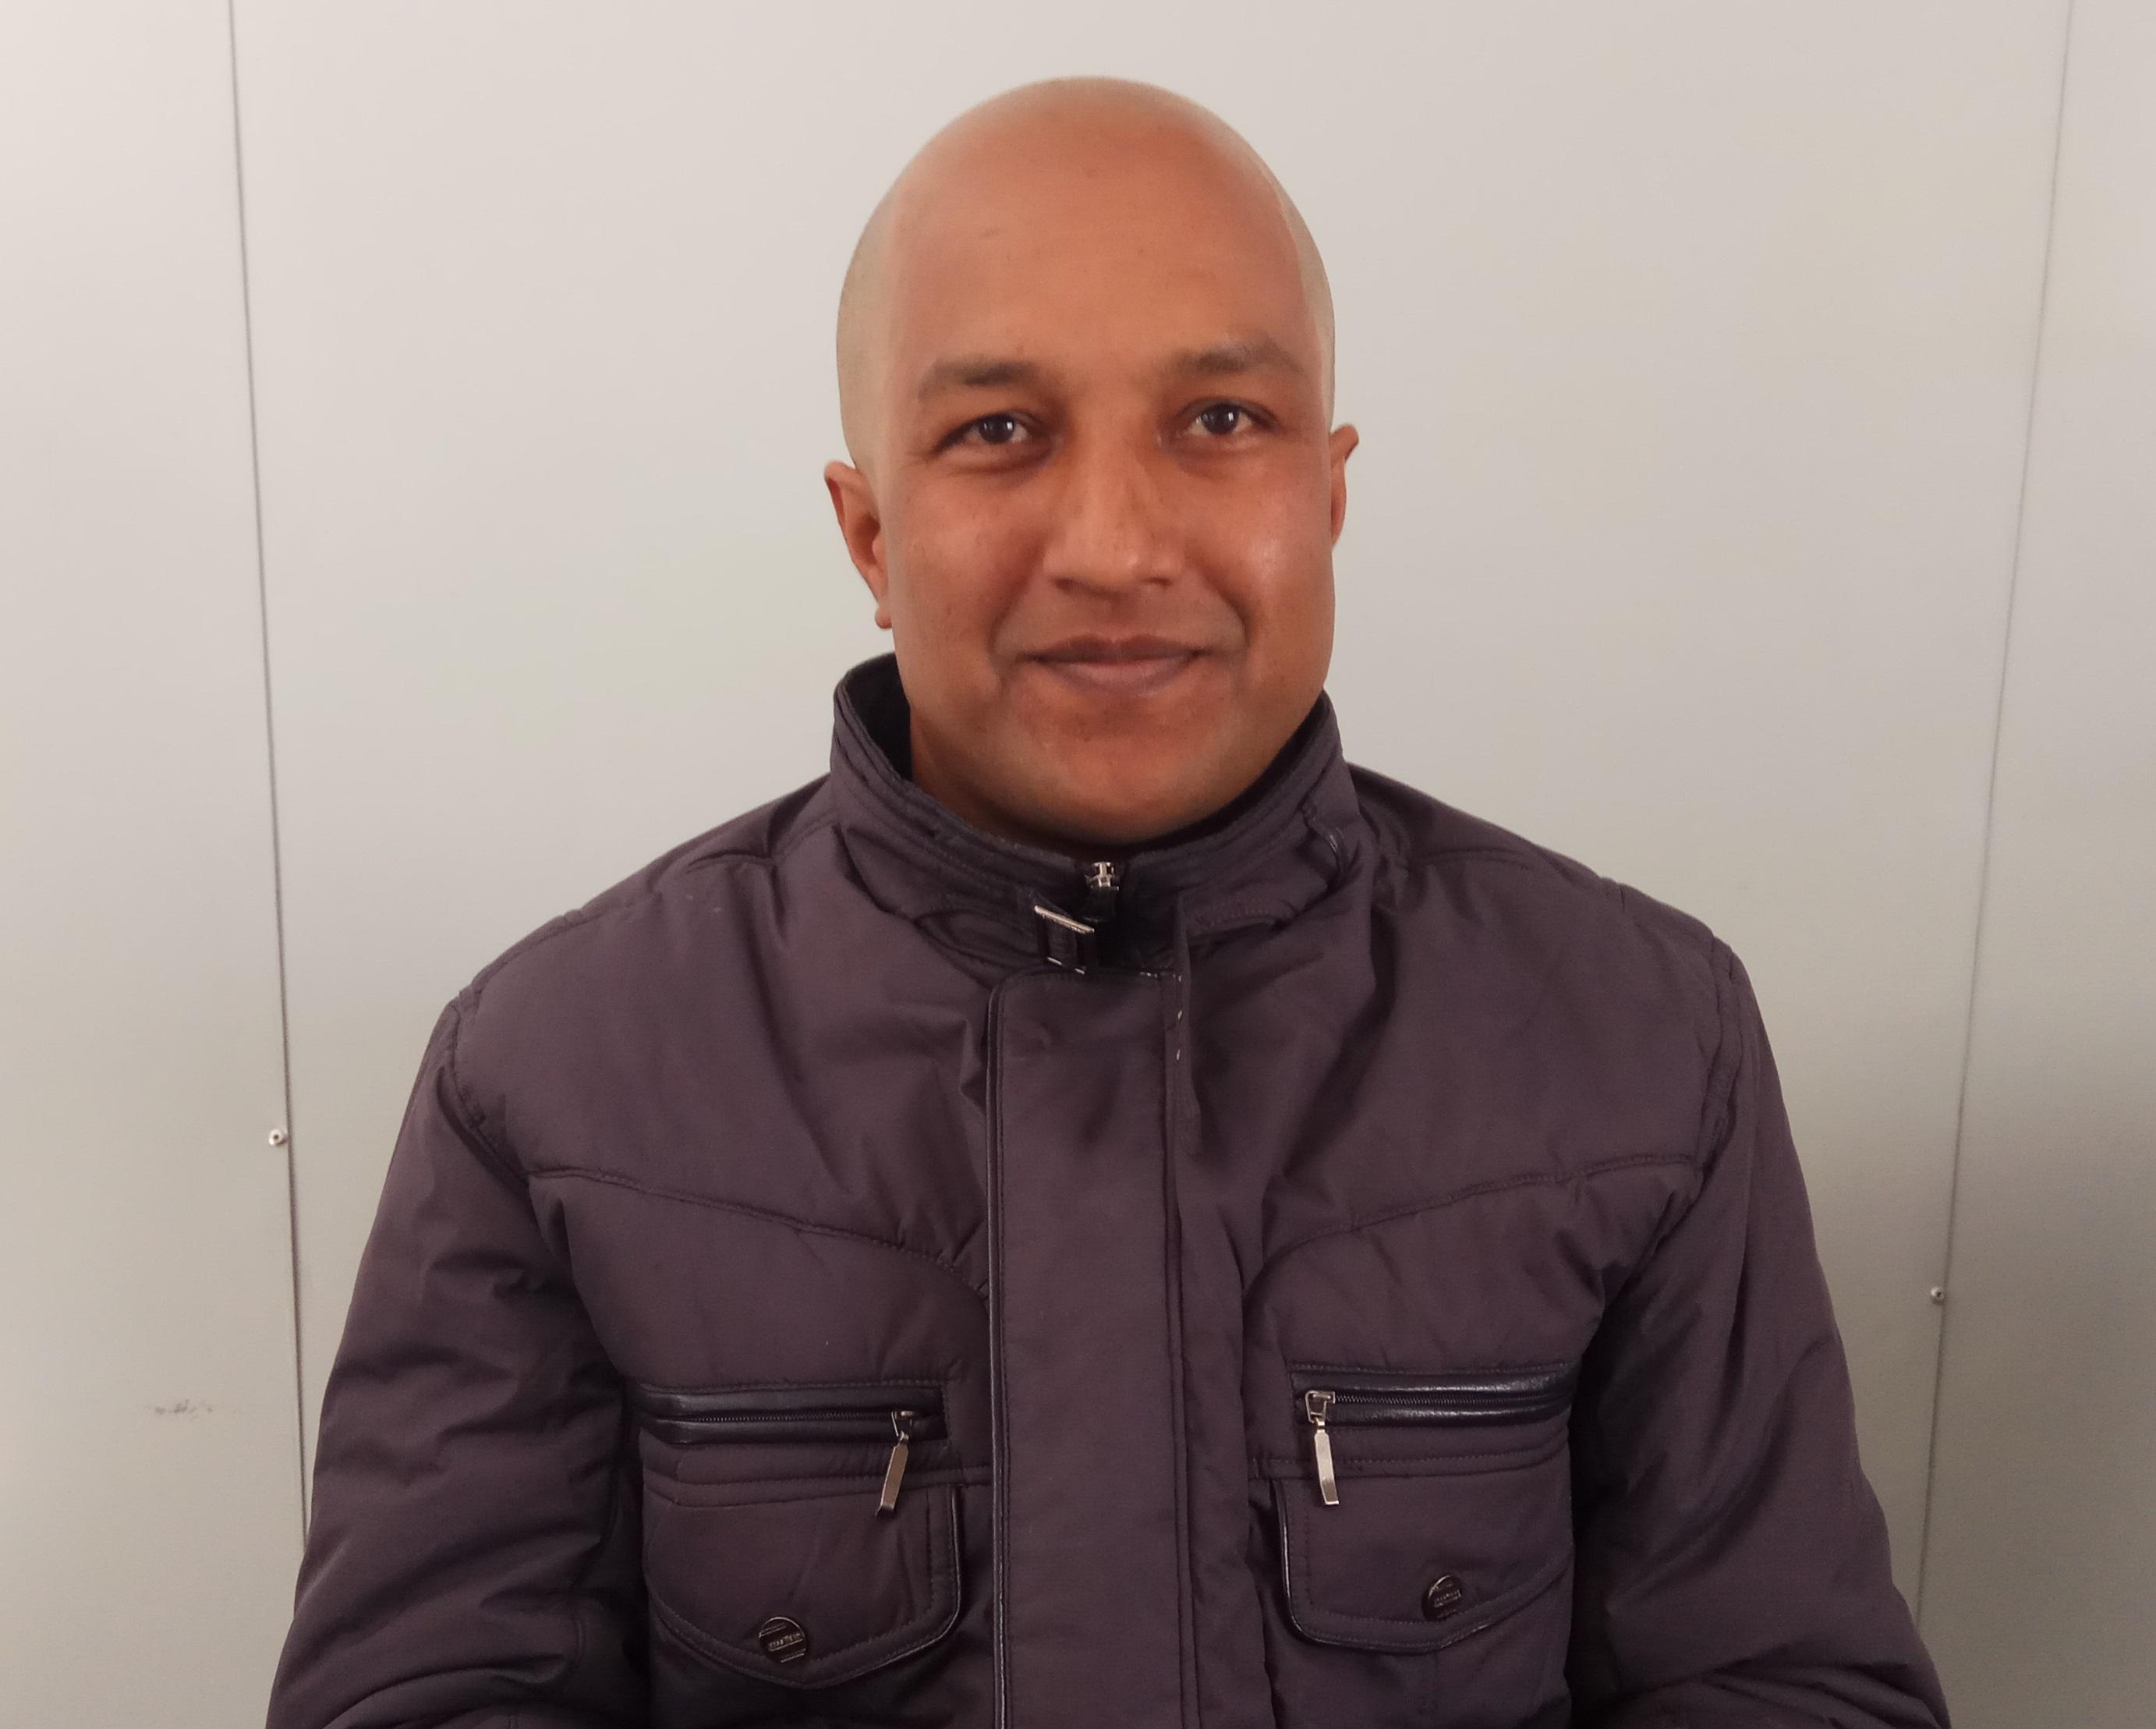 ई. दीपक कुमार साह, लेखक मधेशी अधिकारकर्मी है।